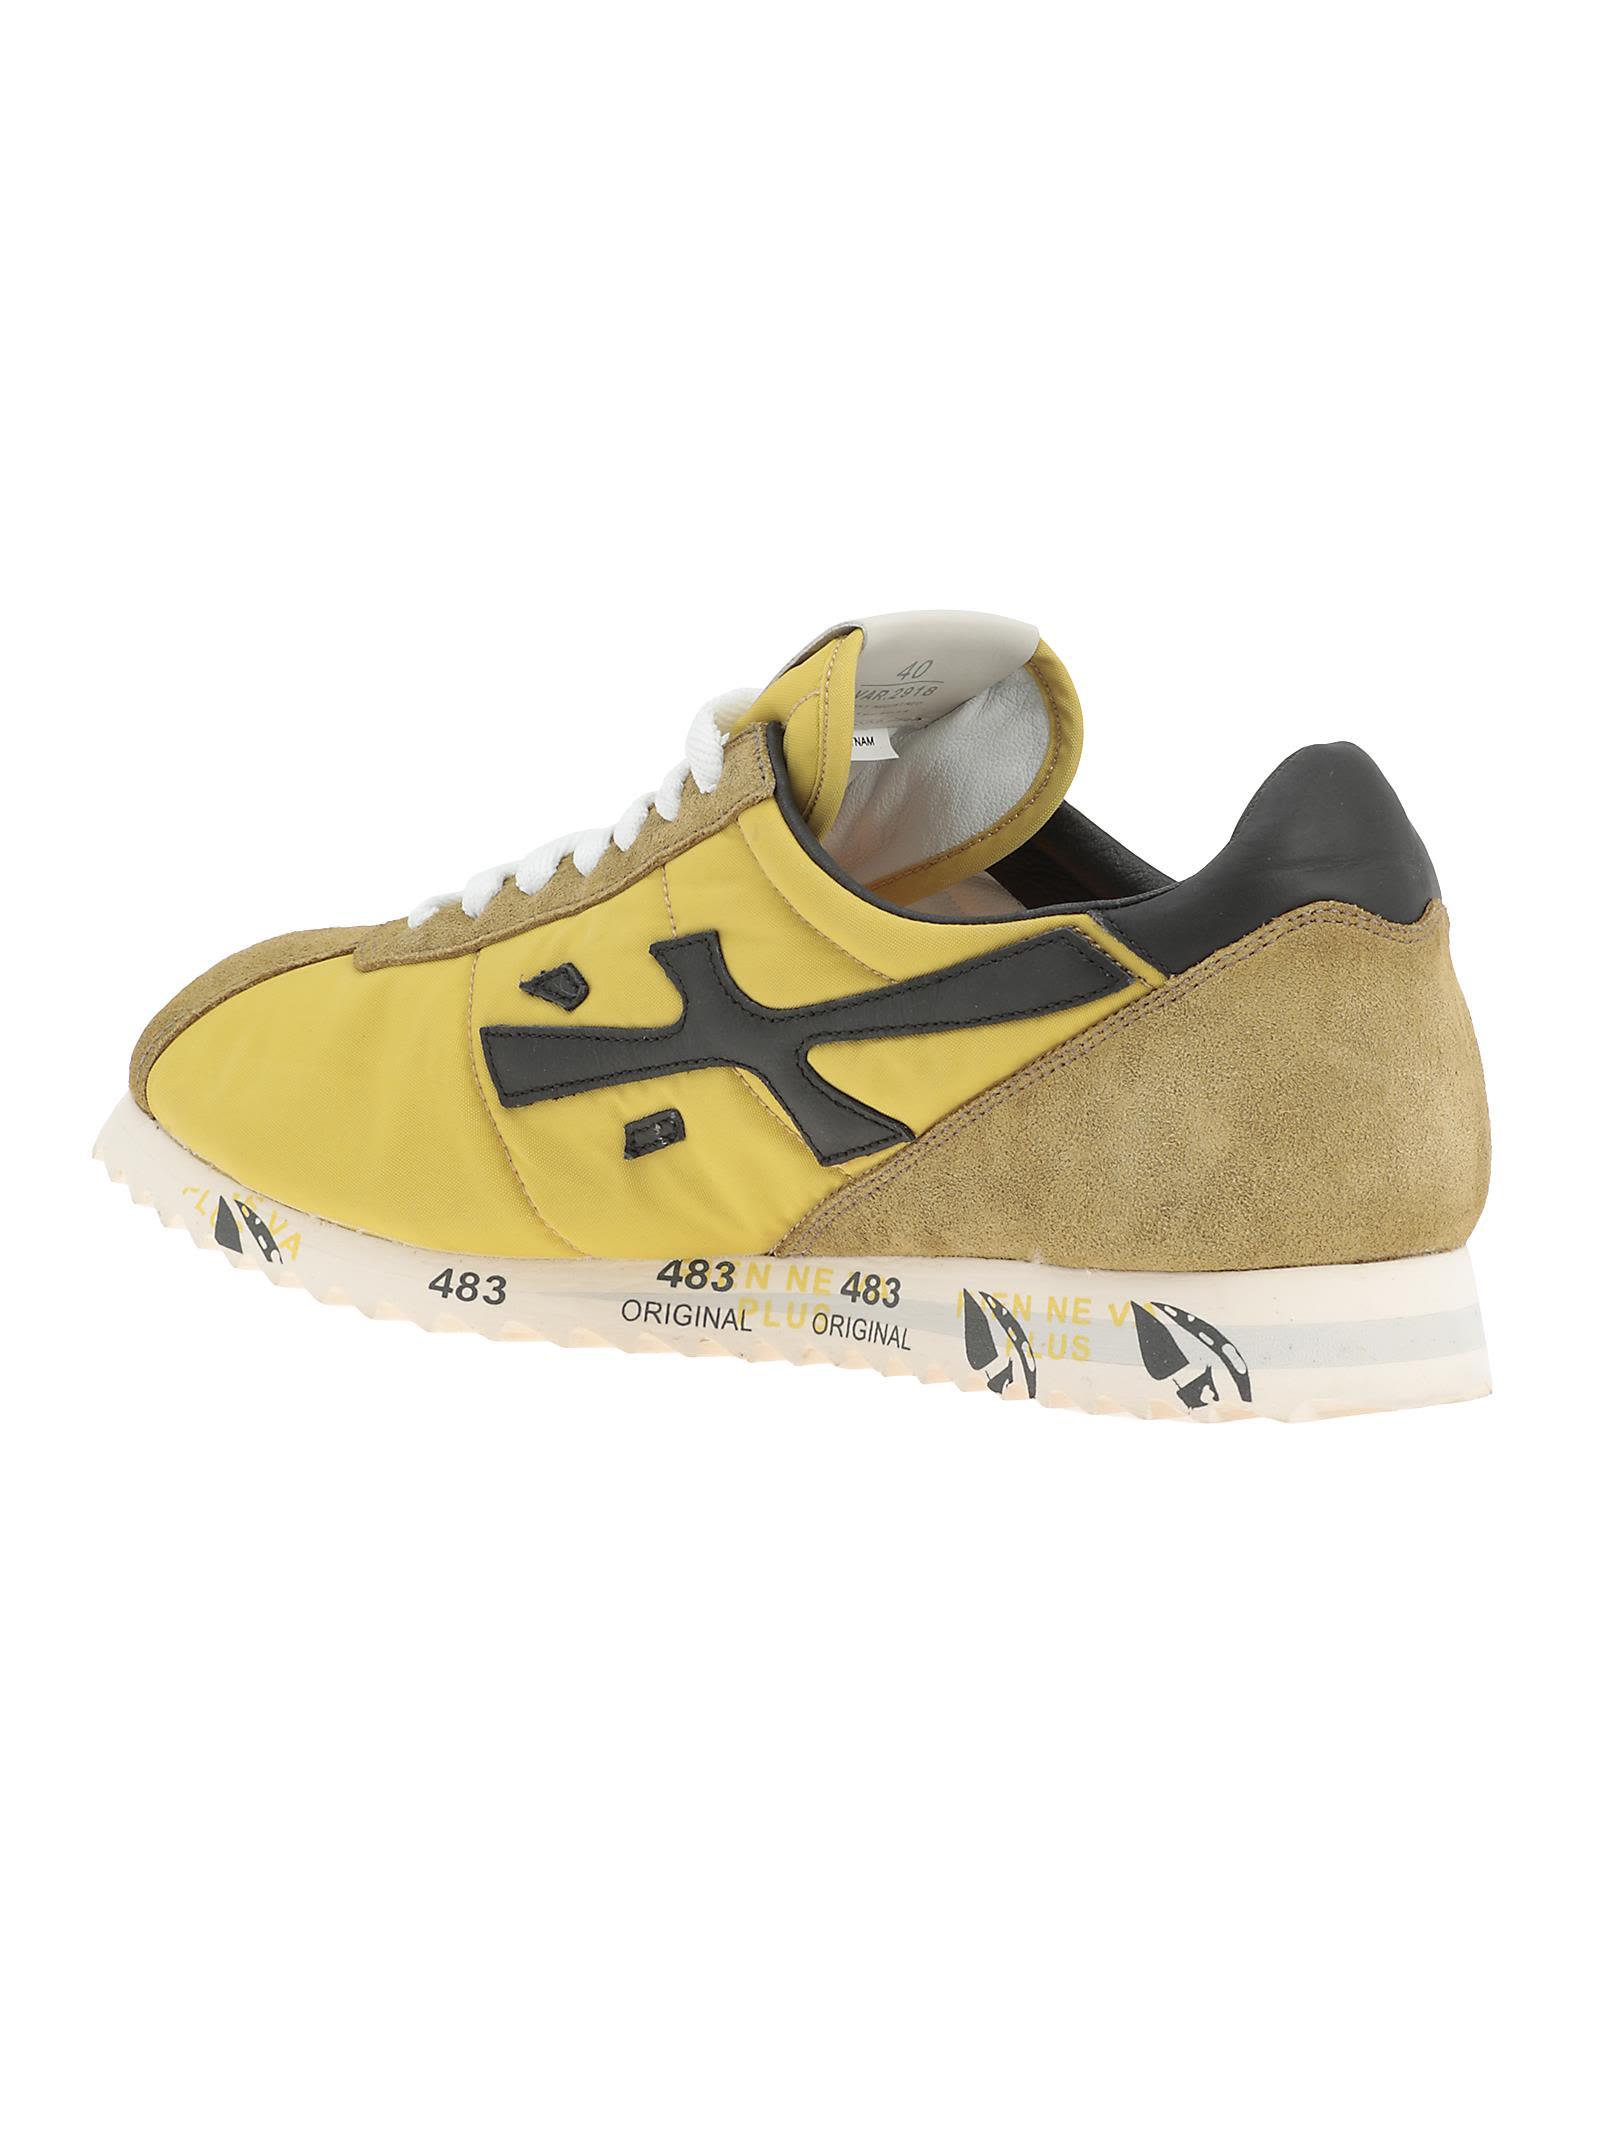 Hattori sneakers - Yellow & Orange Premiata iMZRoKuH8